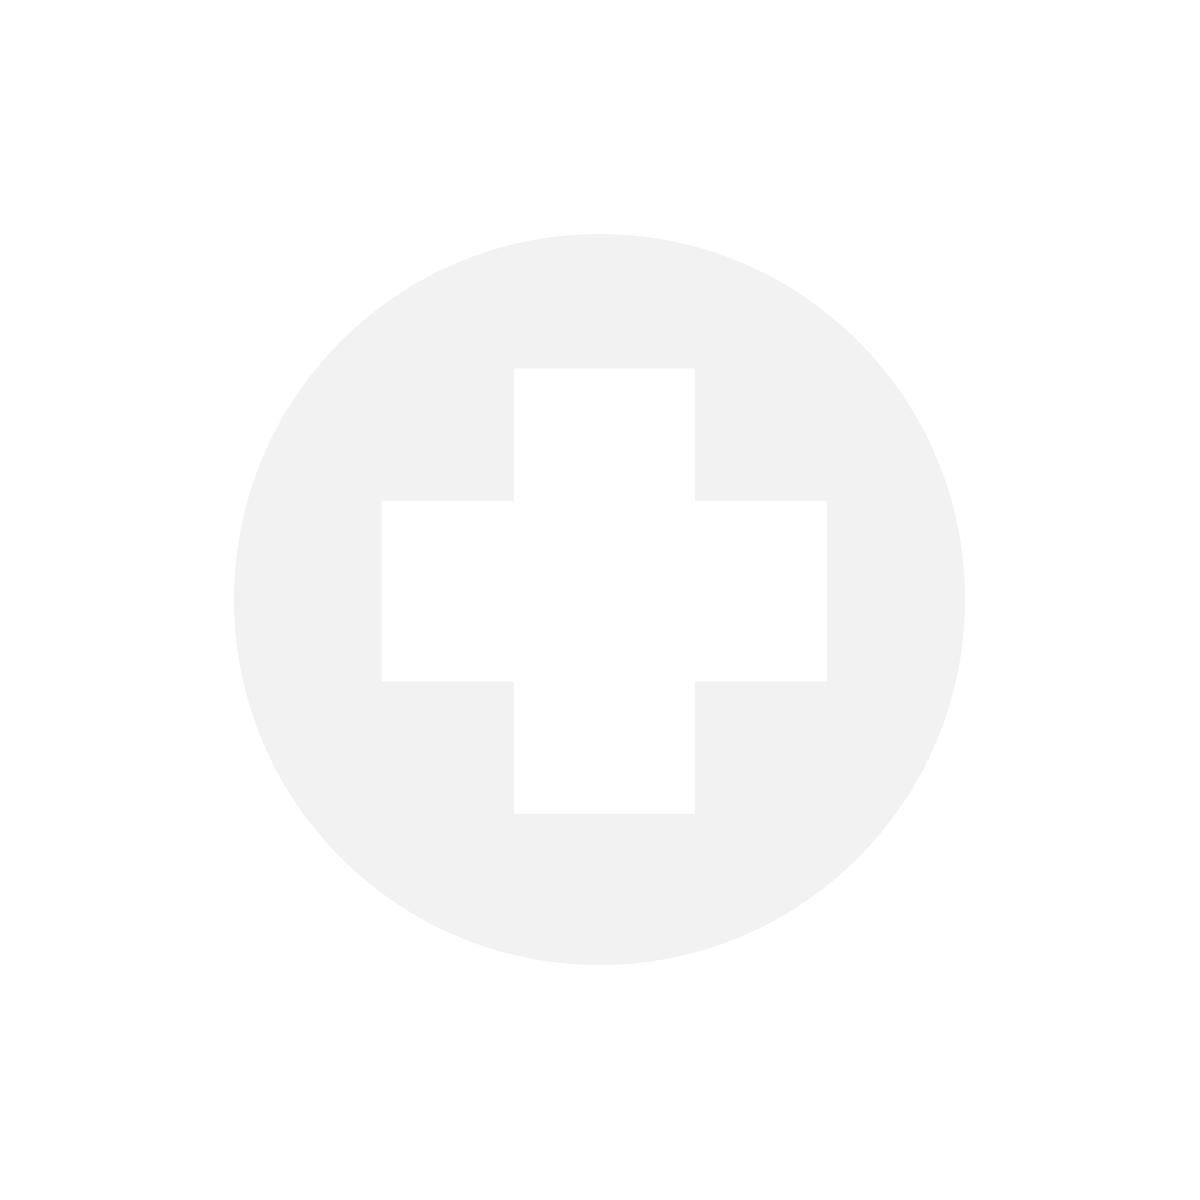 Papier hygiénique Compact Economique 40m - 370 formats (x20)